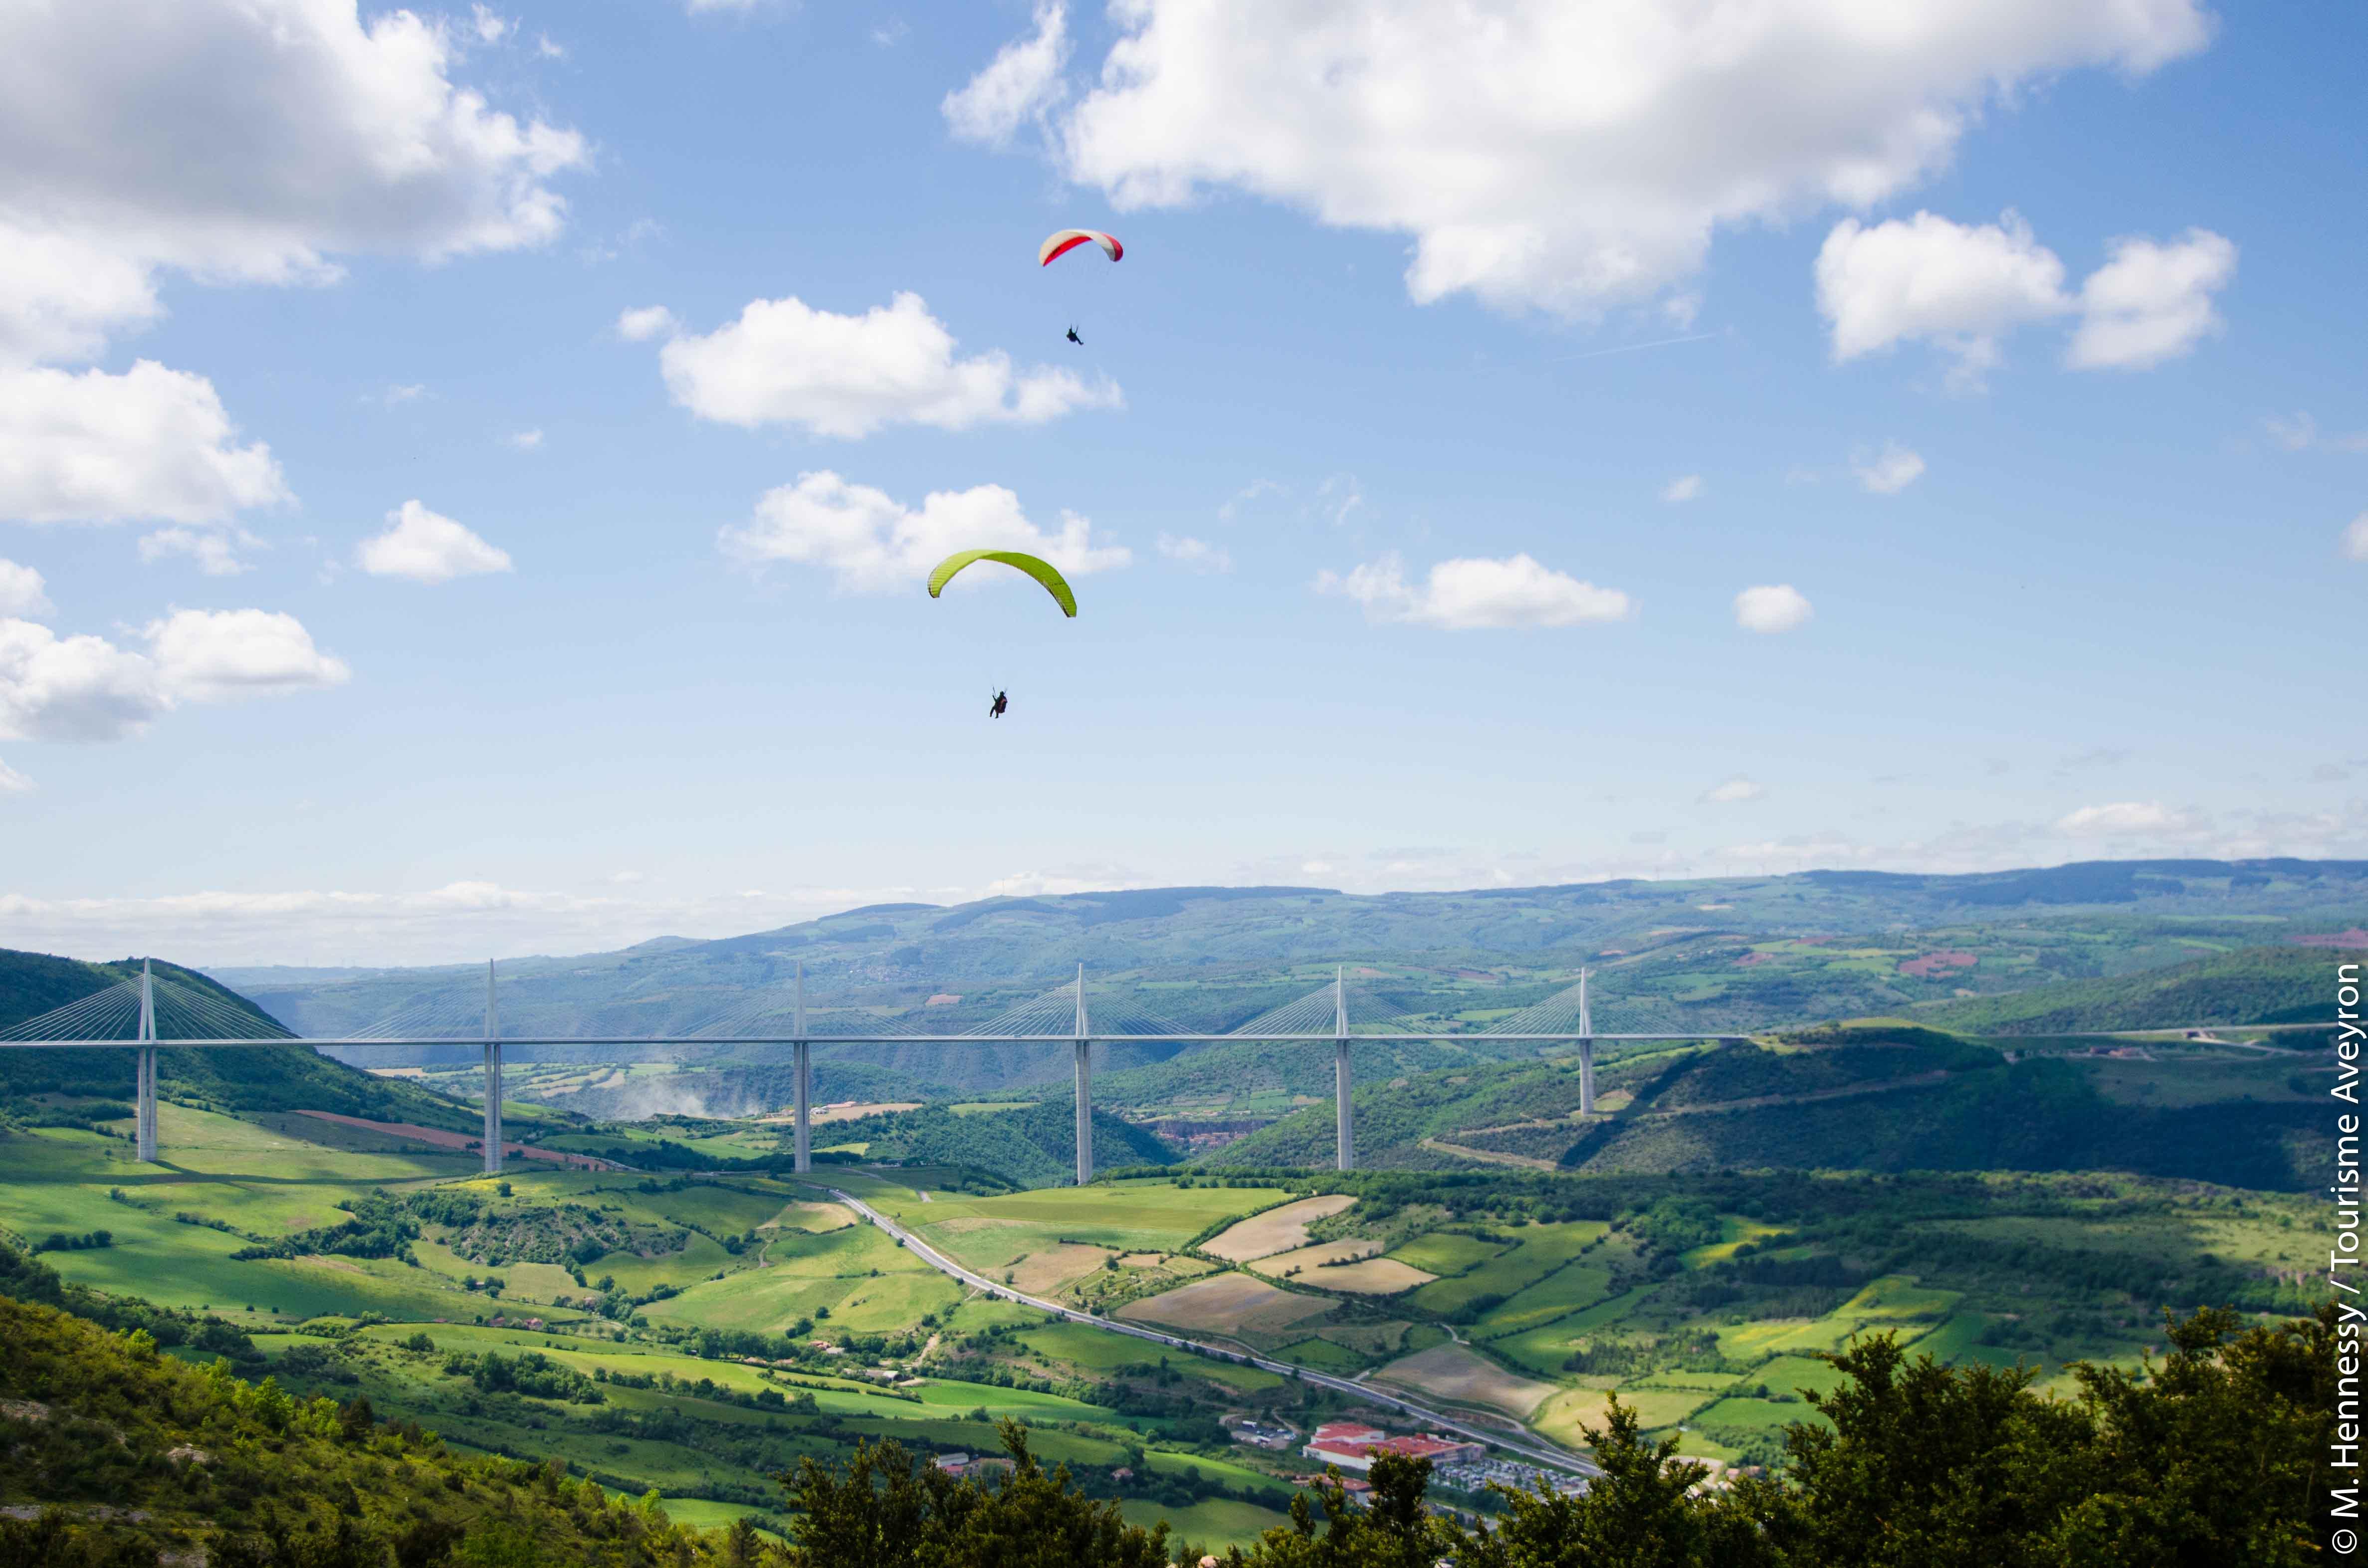 Parapentes au-dessus du viaduc de Millau, Aveyron© M. Hennessy - Tourisme Aveyron